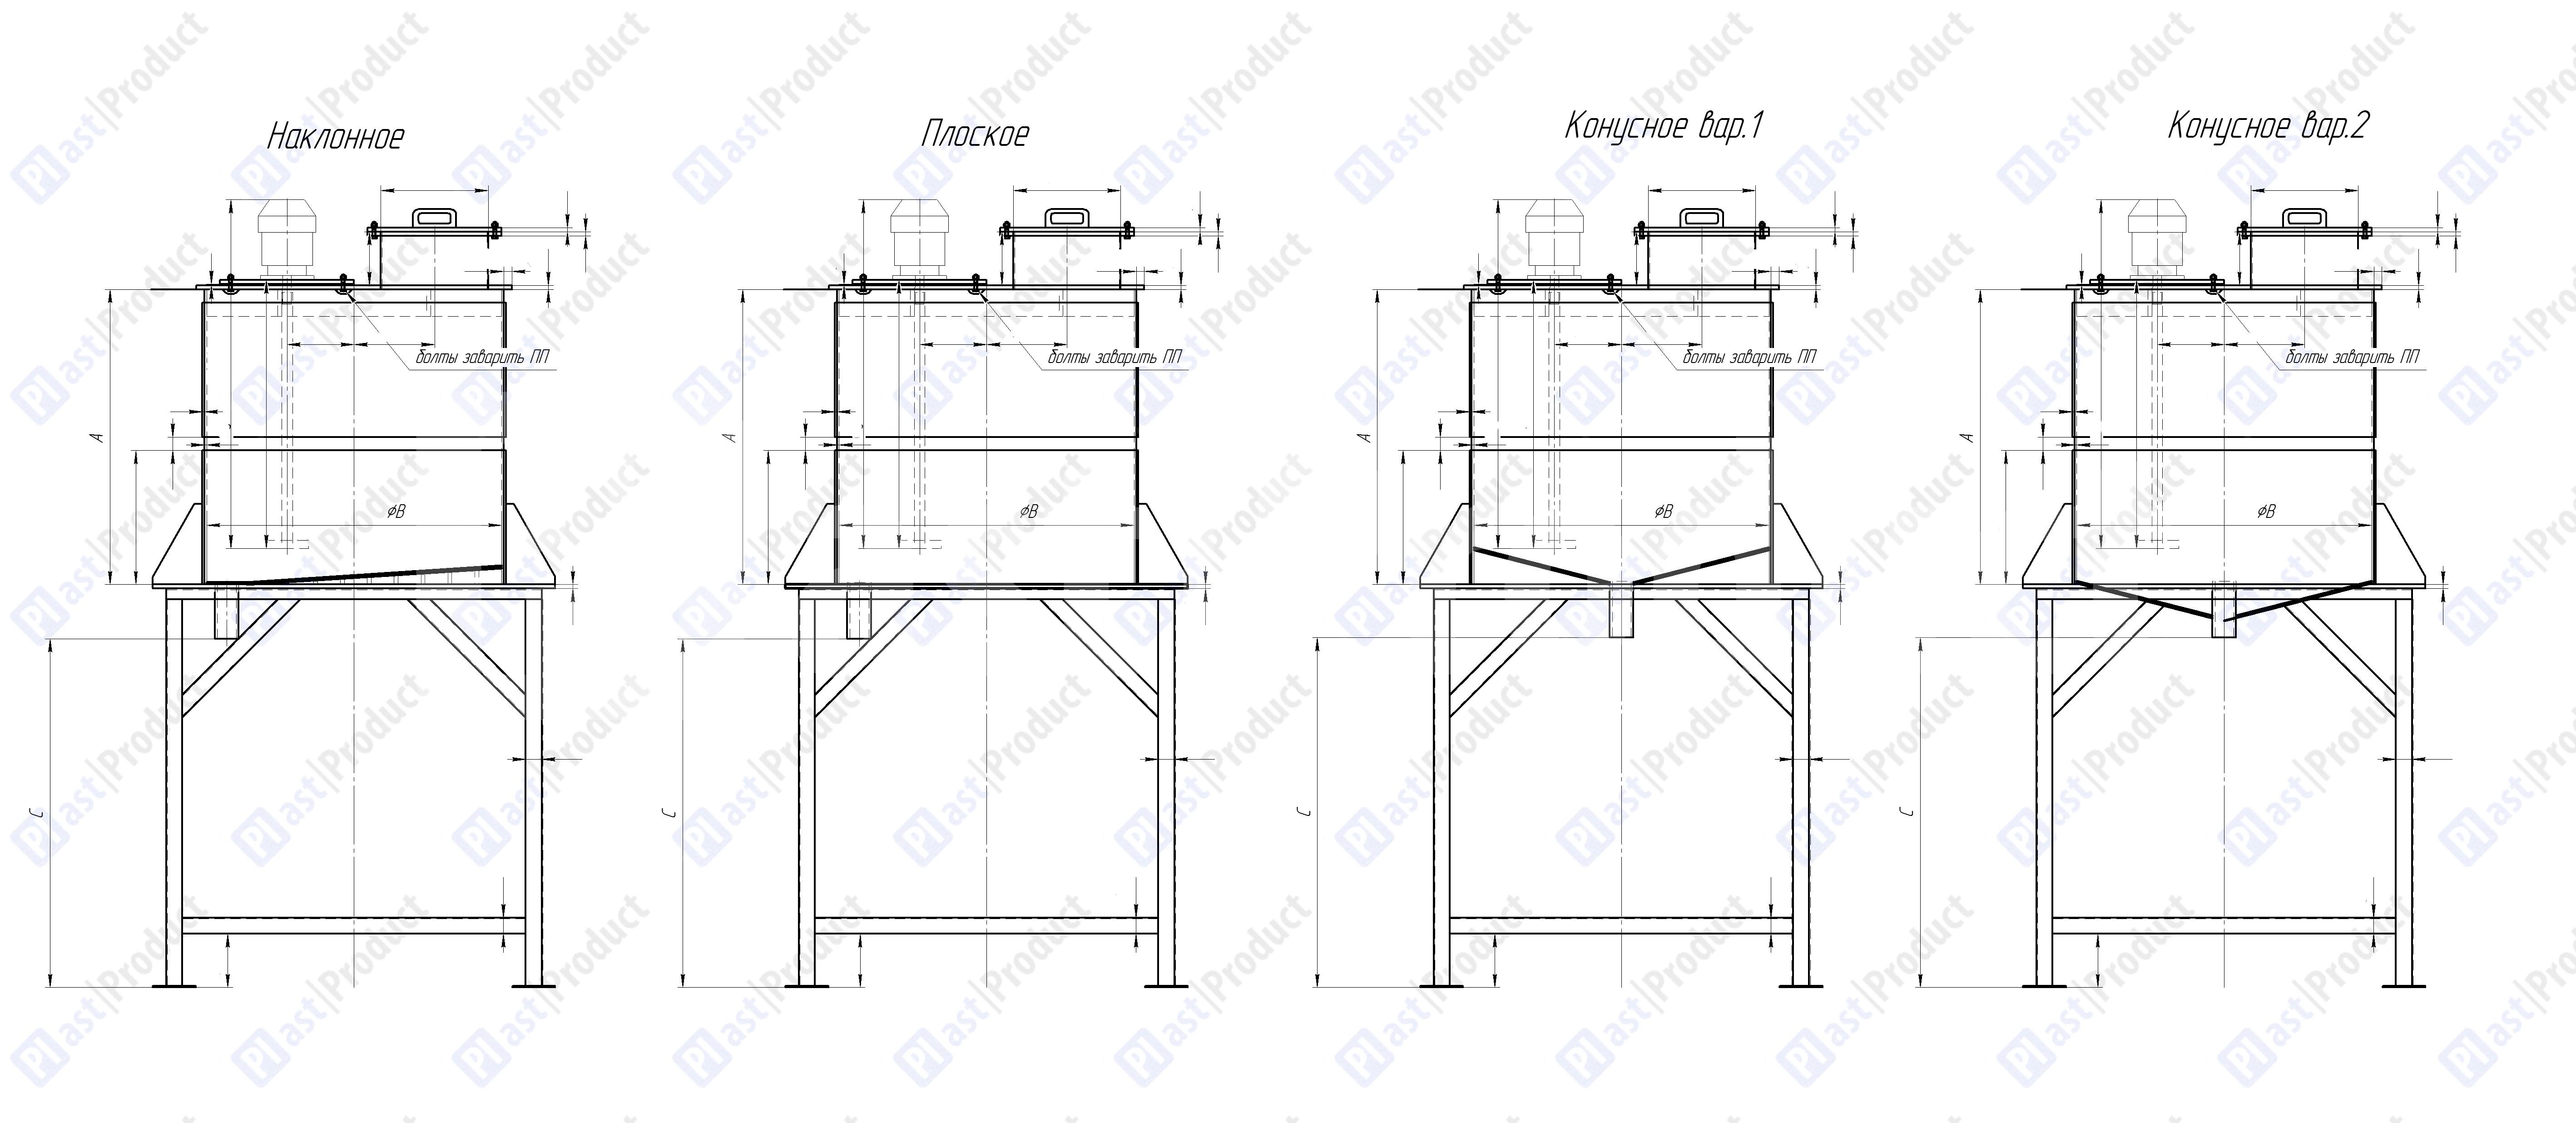 Варианты исполнения емкости с перемешивающим устройством на подставке